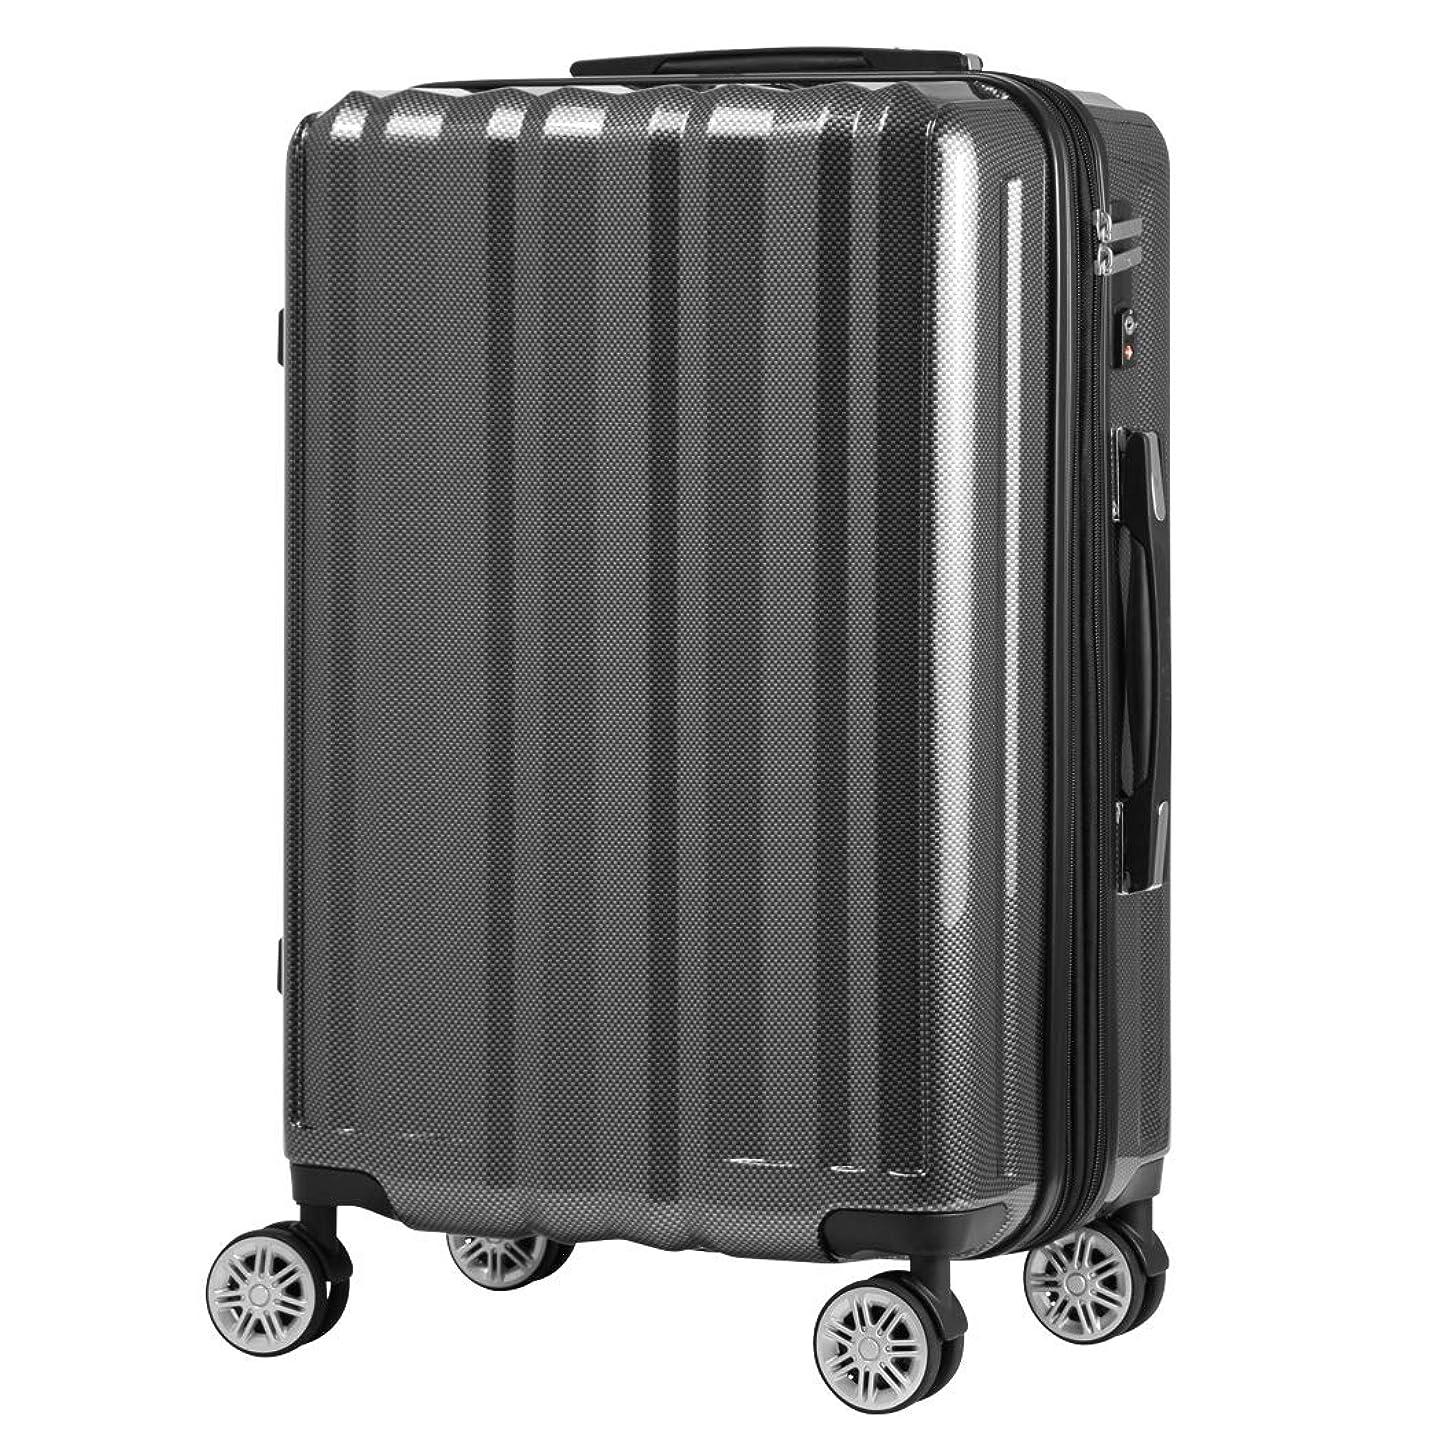 画家リビングルーム放射能[アウトレット] スーツケース キャリーバッグ キャリーバック キャリーケース 機内持込サイズ 無料受託手荷物 小型 SS サイズ 容量拡張機能搭載 ダブルキャスター B-5102